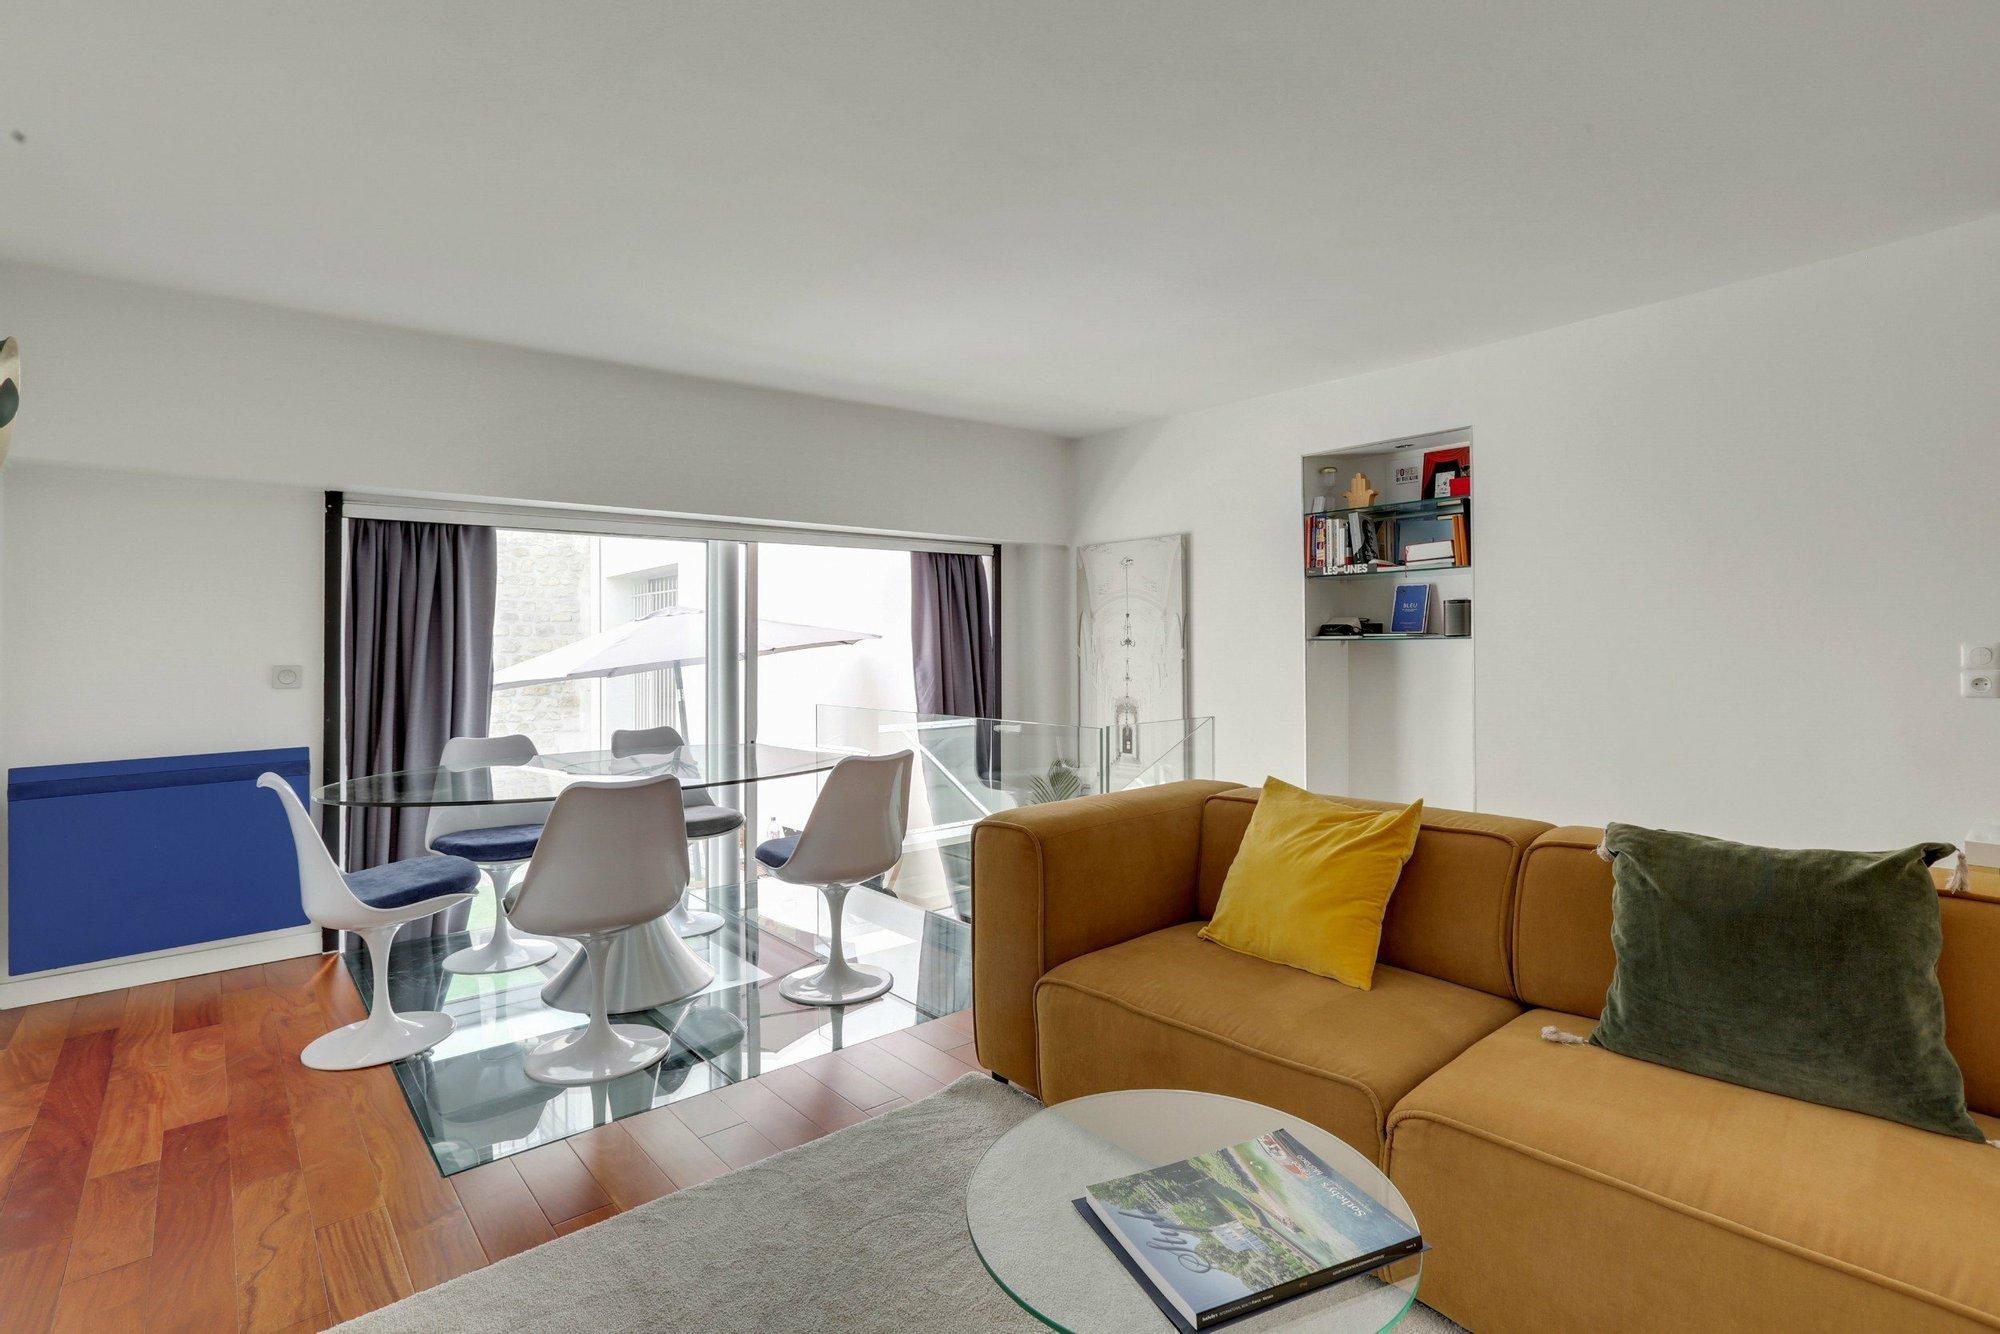 Apartment in Paris, Île-de-France, France 1 - 11540295